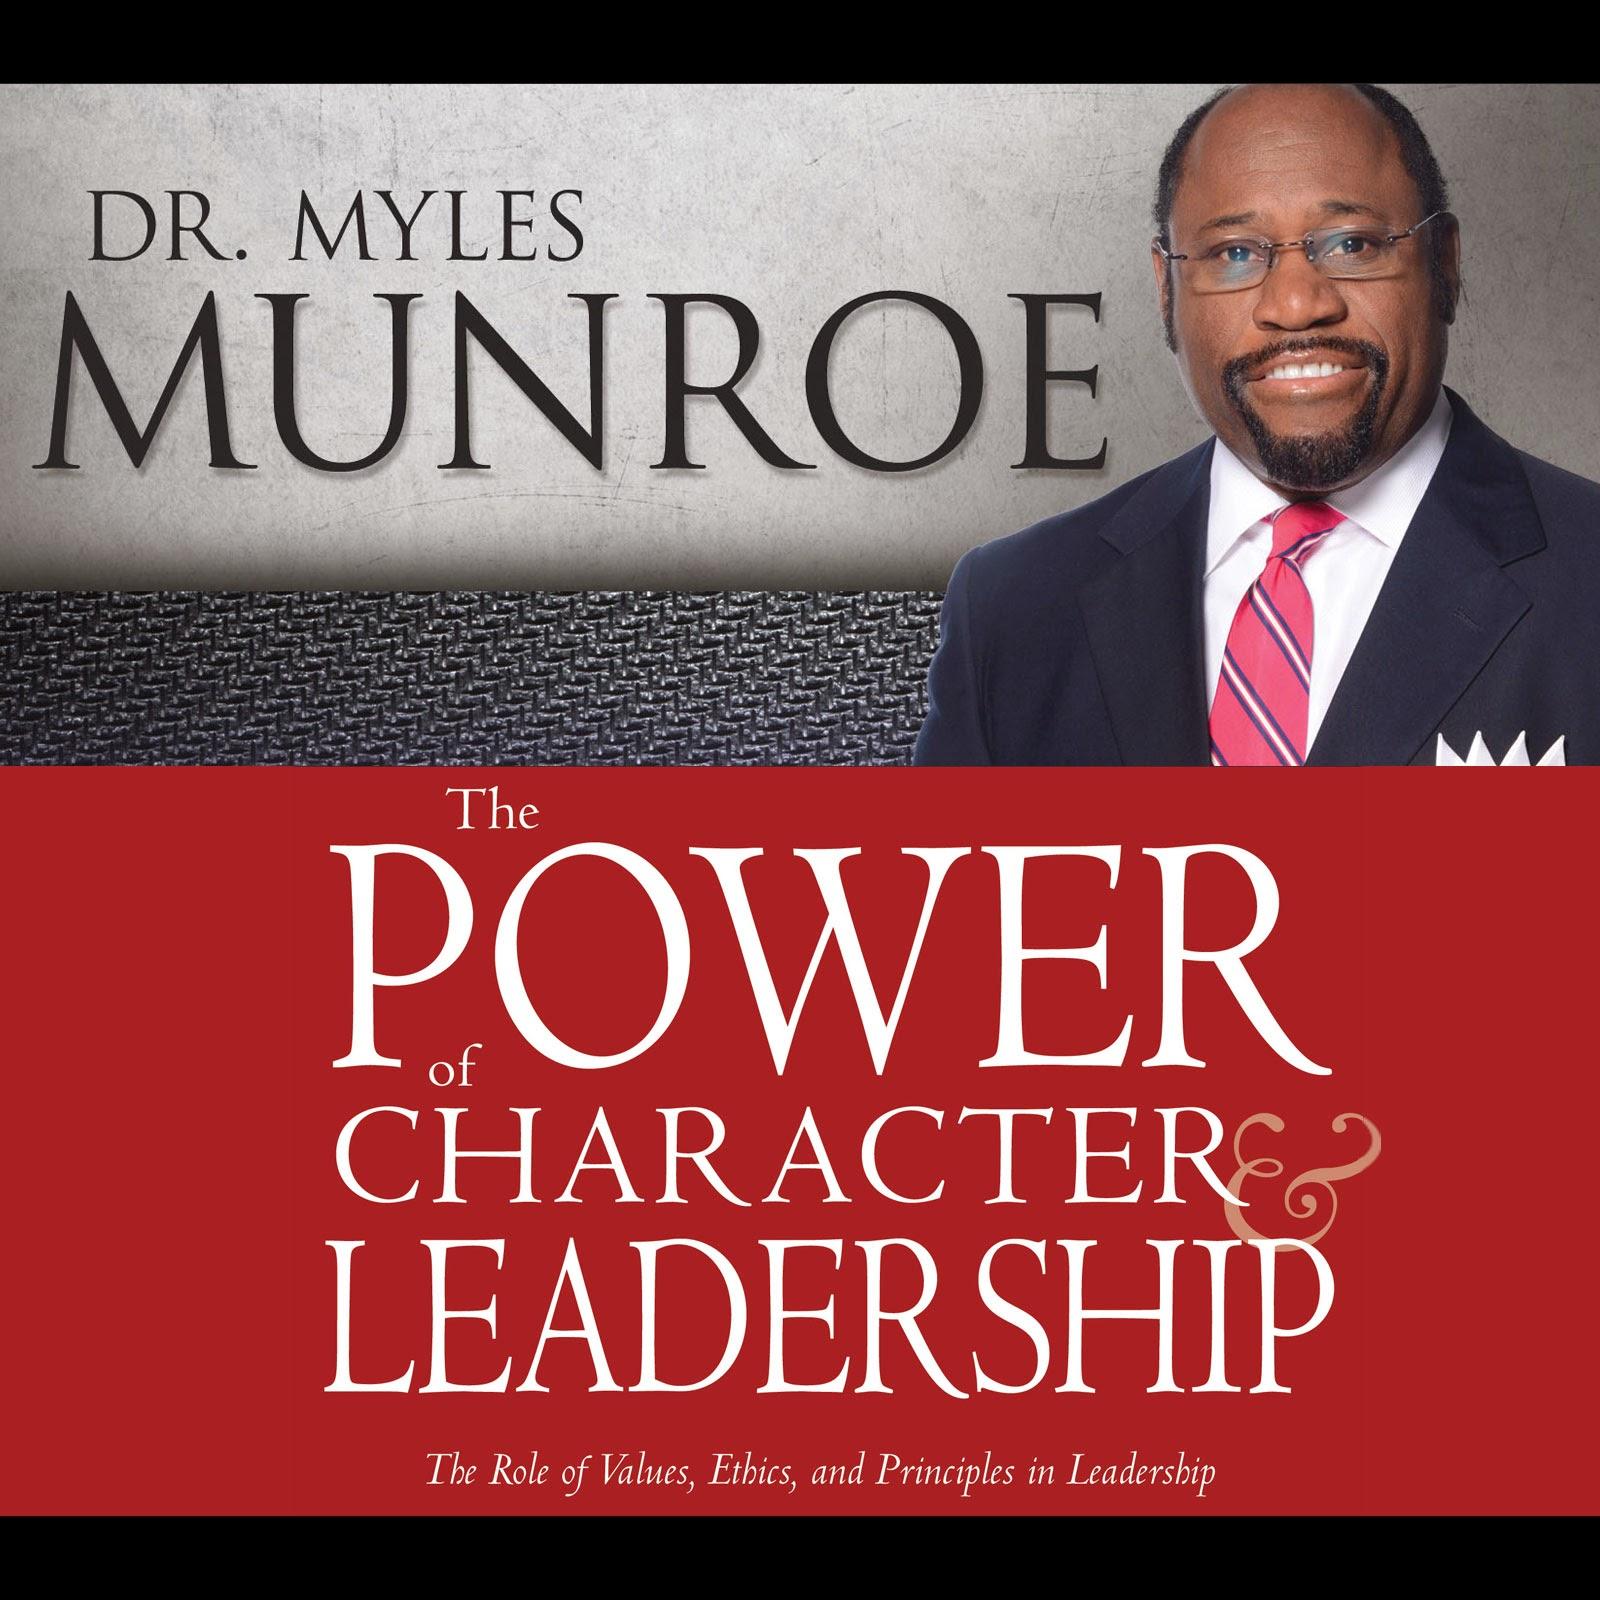 Myles Munroe Leadership Quotes. QuotesGram